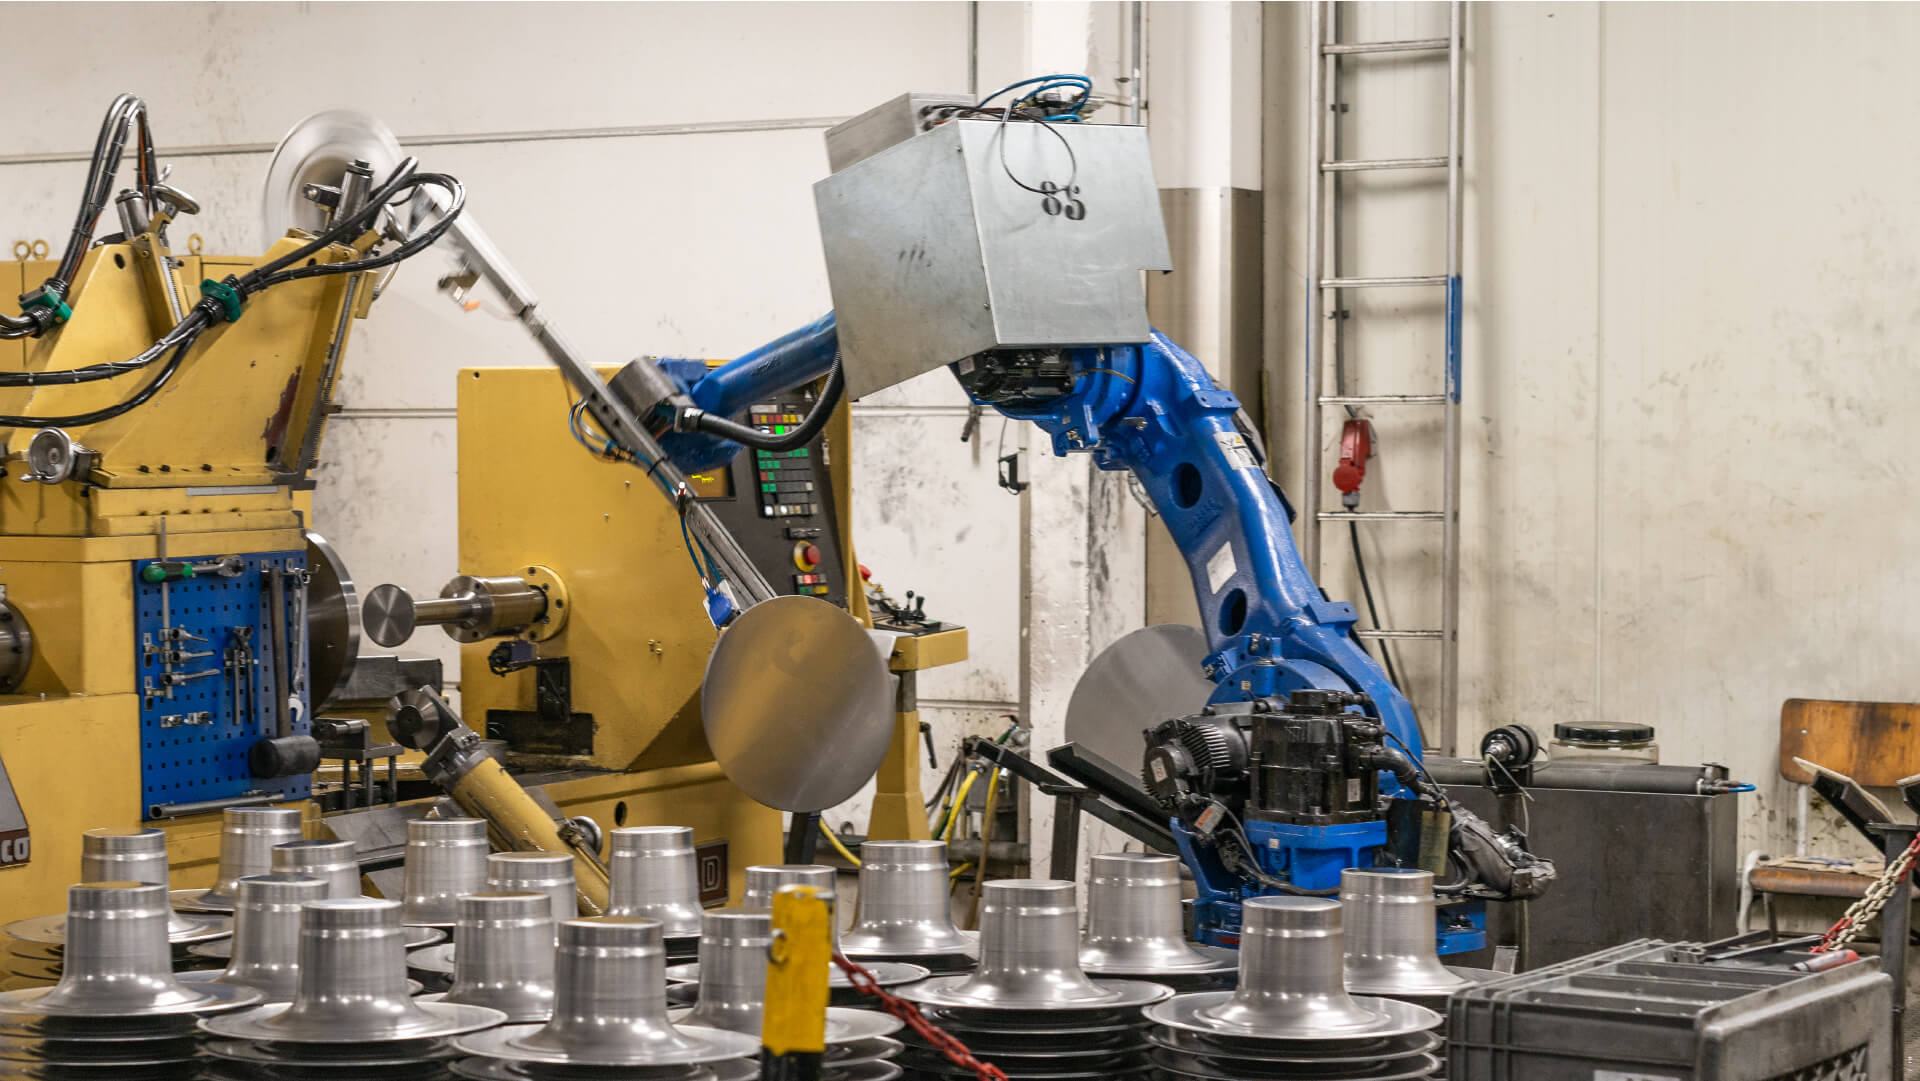 Klantverhaal SolidCAM bij De Mercuur Metal Spinning & Pressing